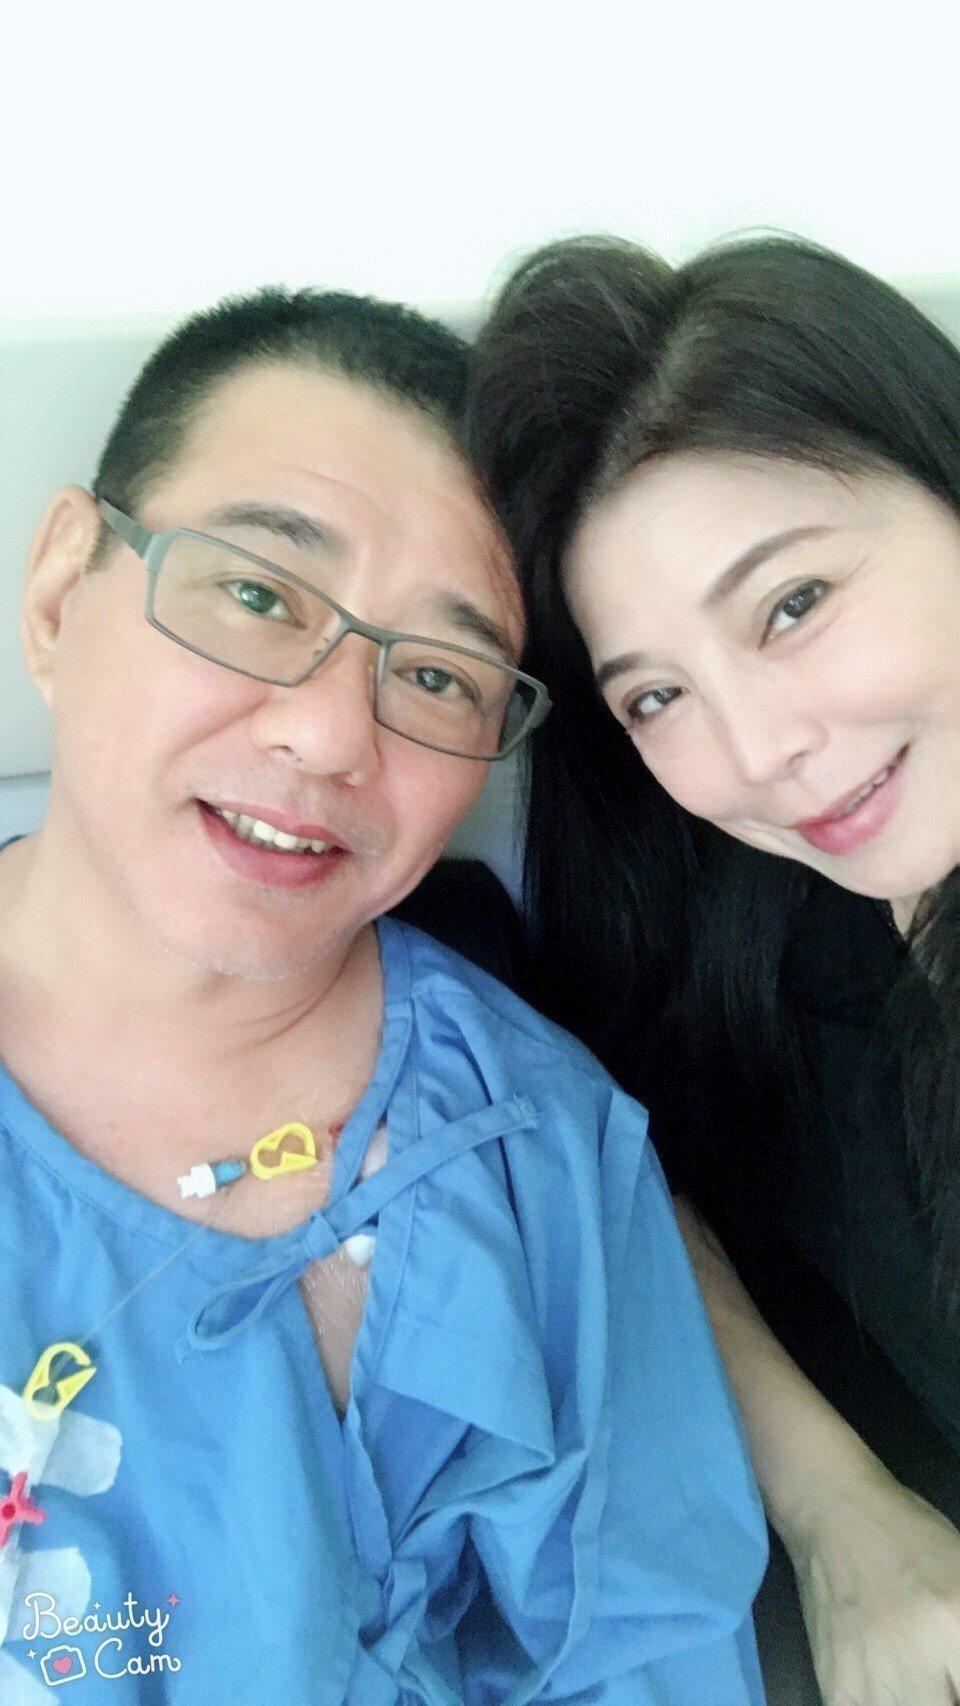 安迪罹患食道癌第三期。圖/阿娥提供